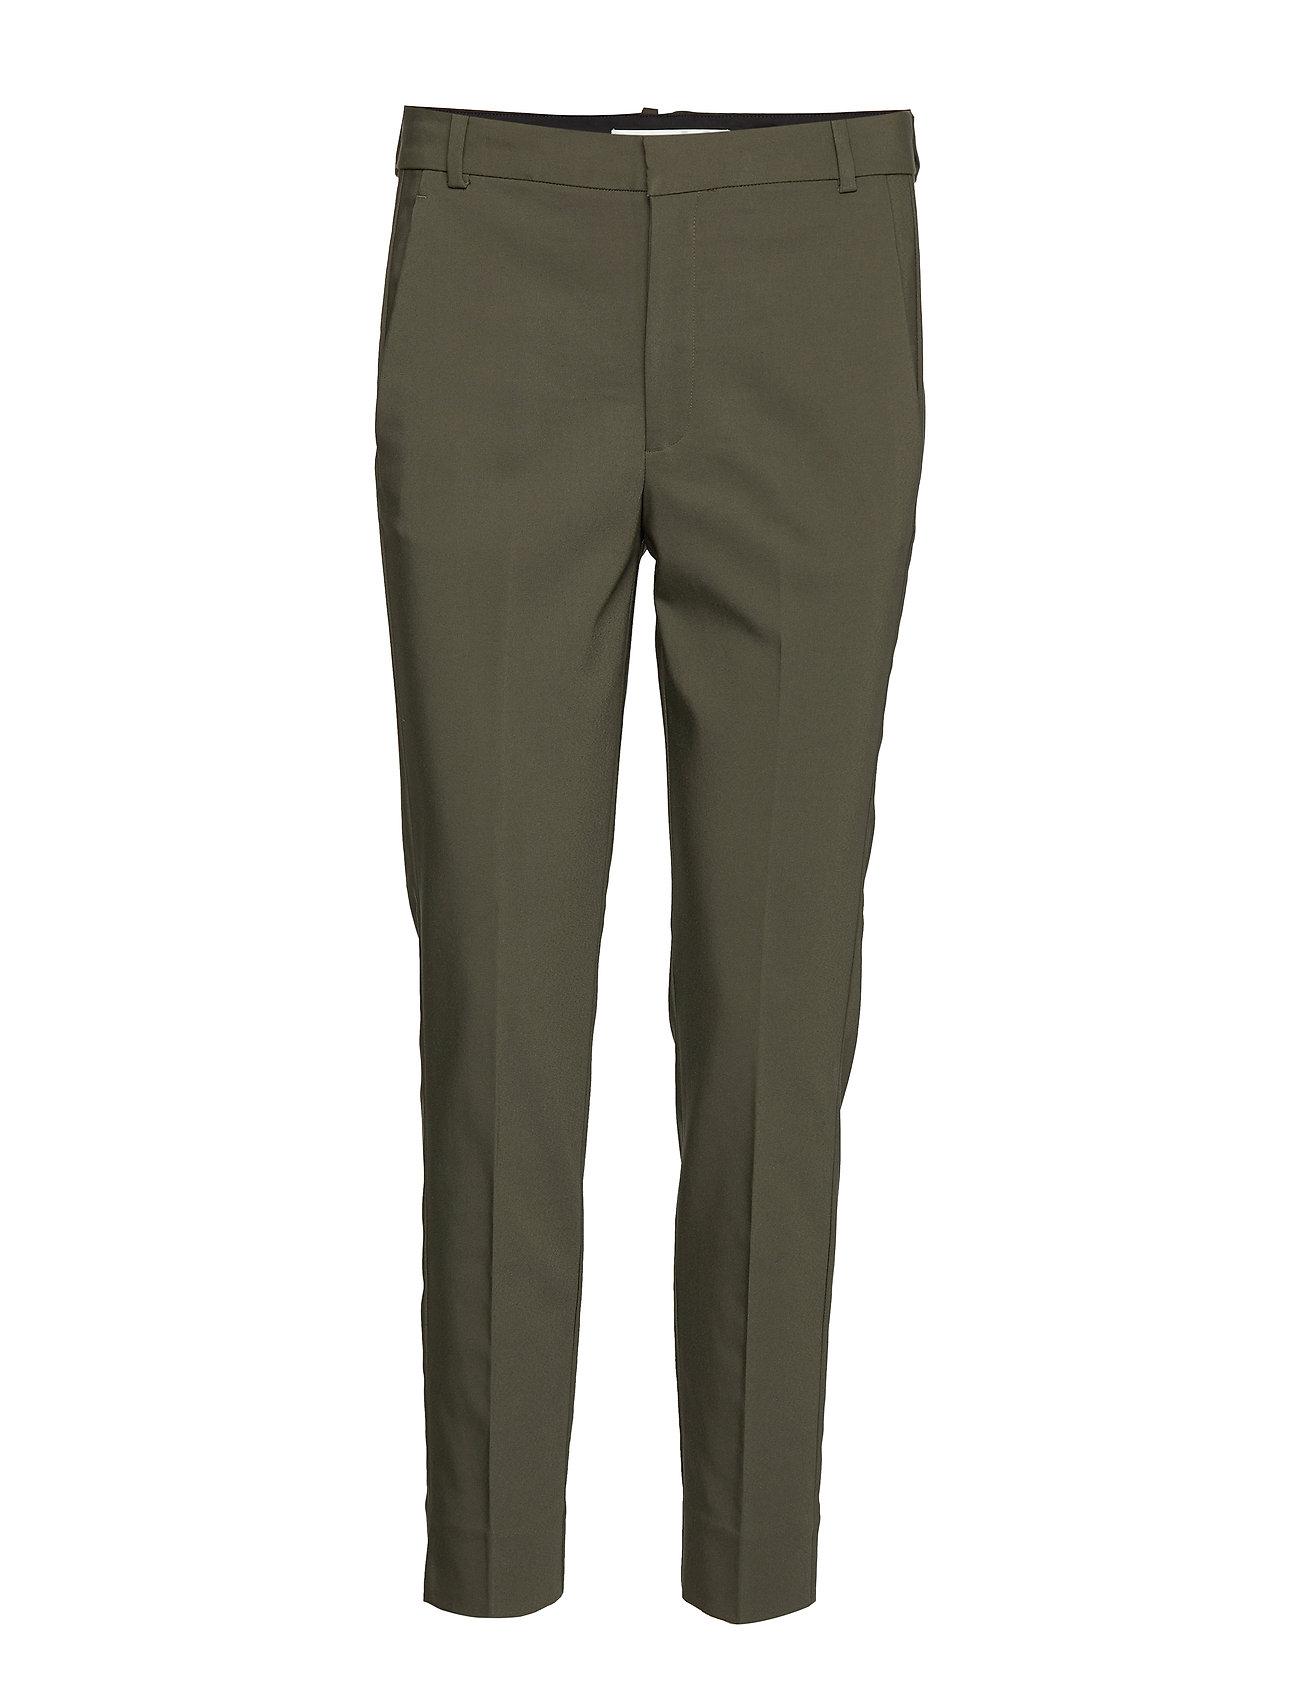 LeafInwear LeafInwear Zella Pantolive Pantolive Zella LeafInwear Pantolive Zella FcTlK1J